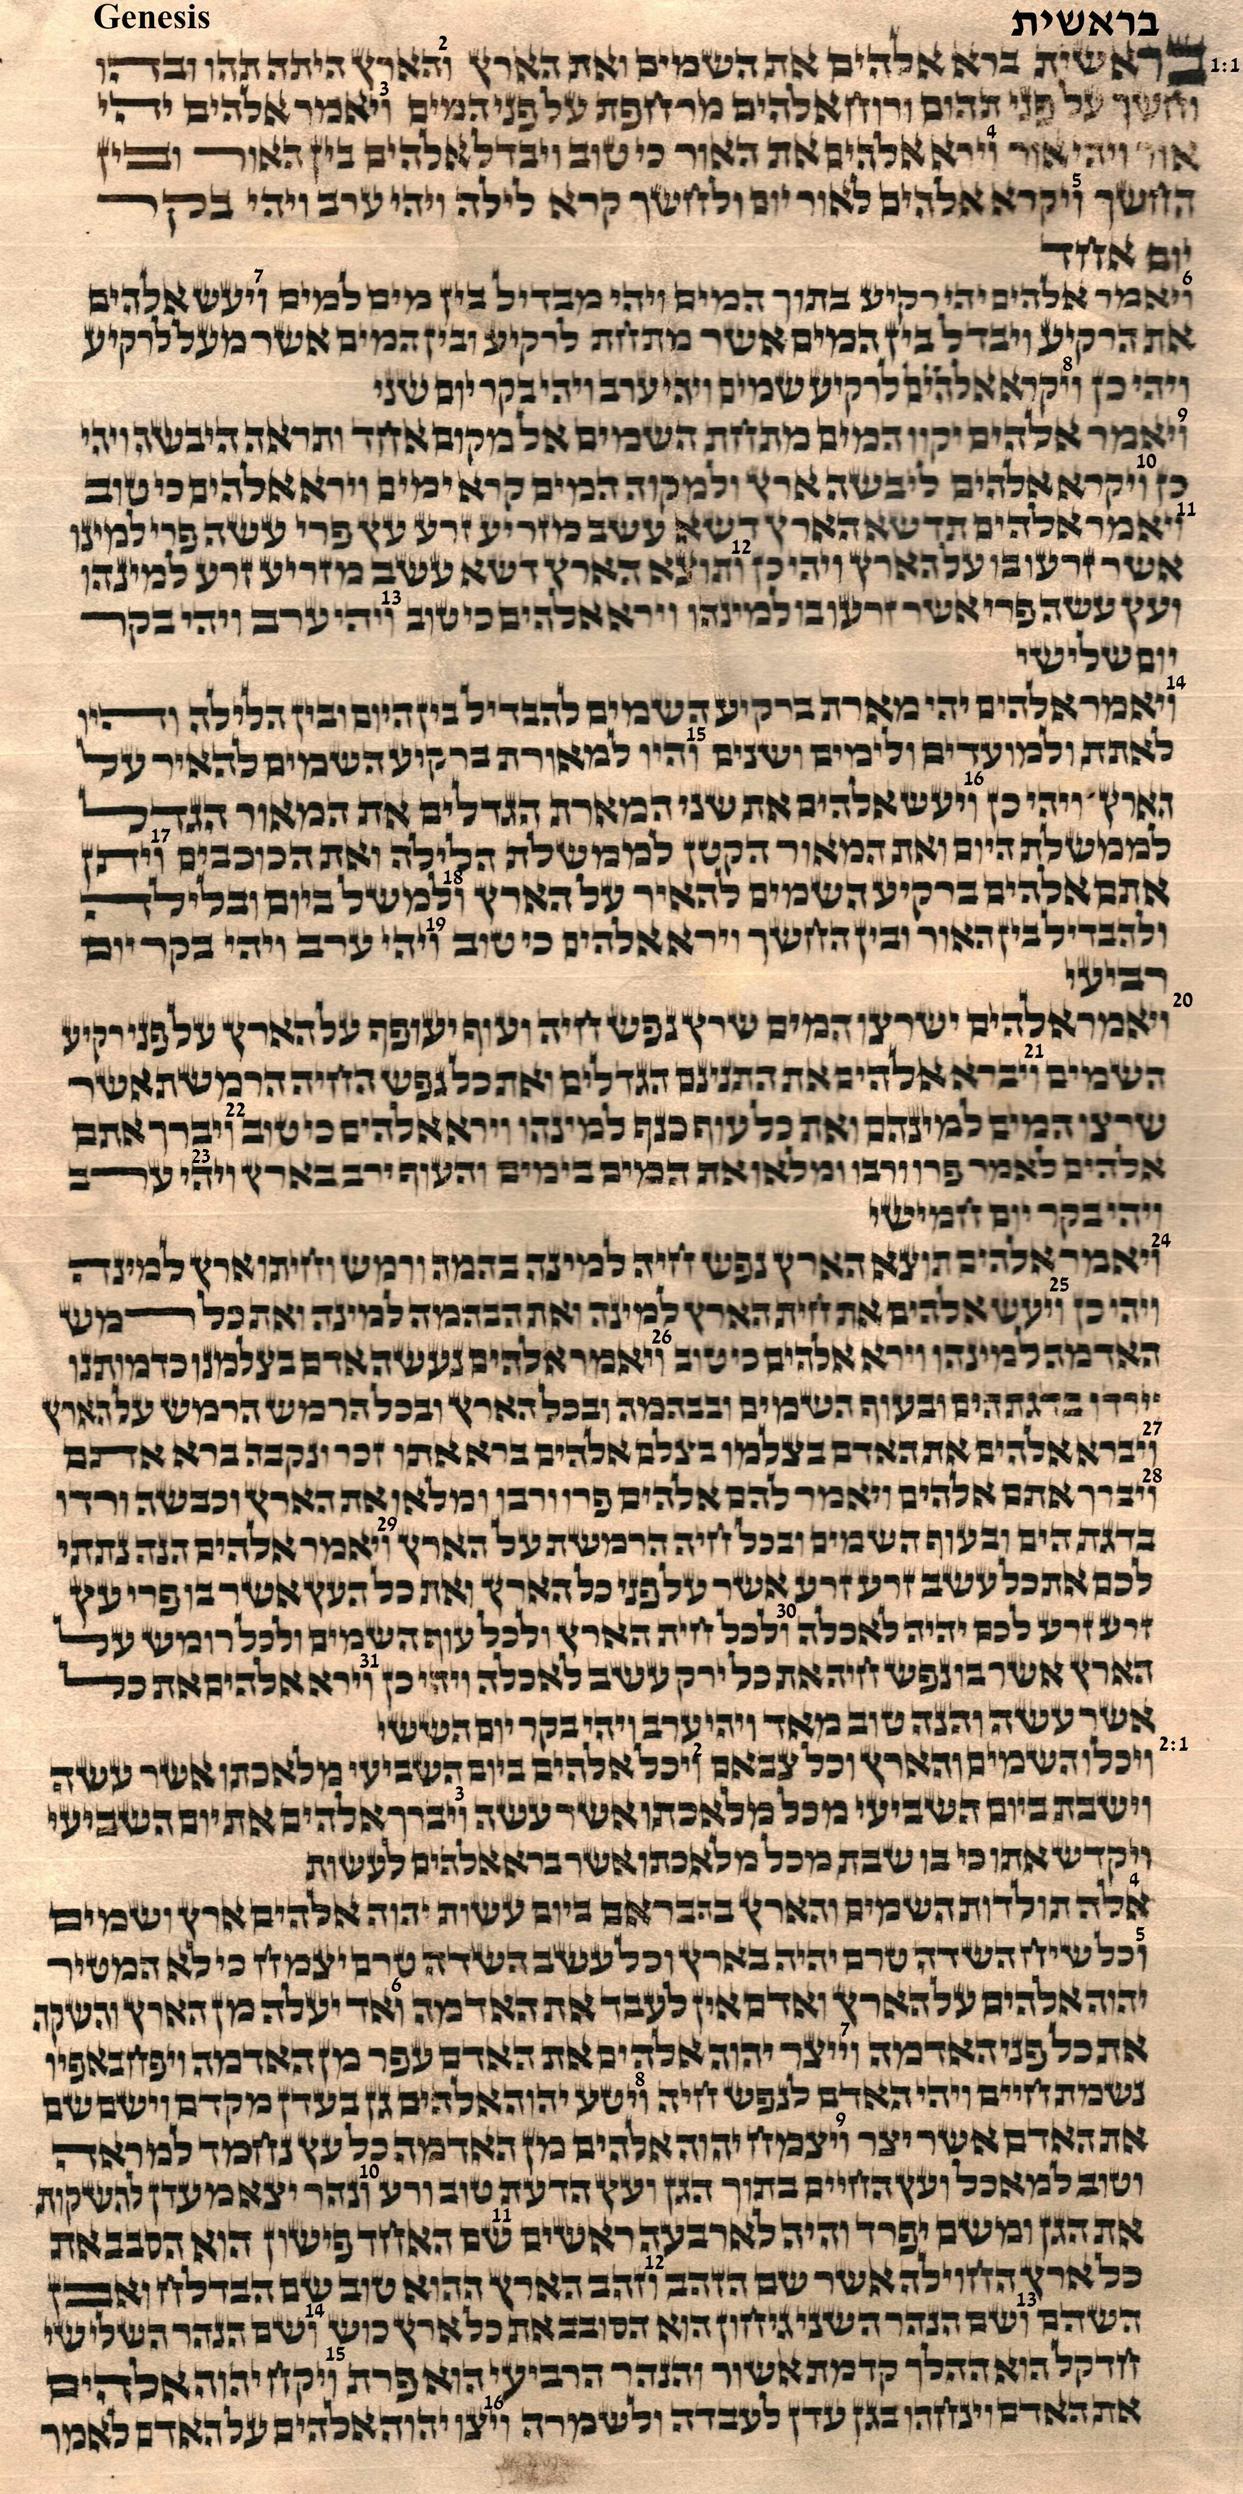 Genesis 1-1 - 2-16